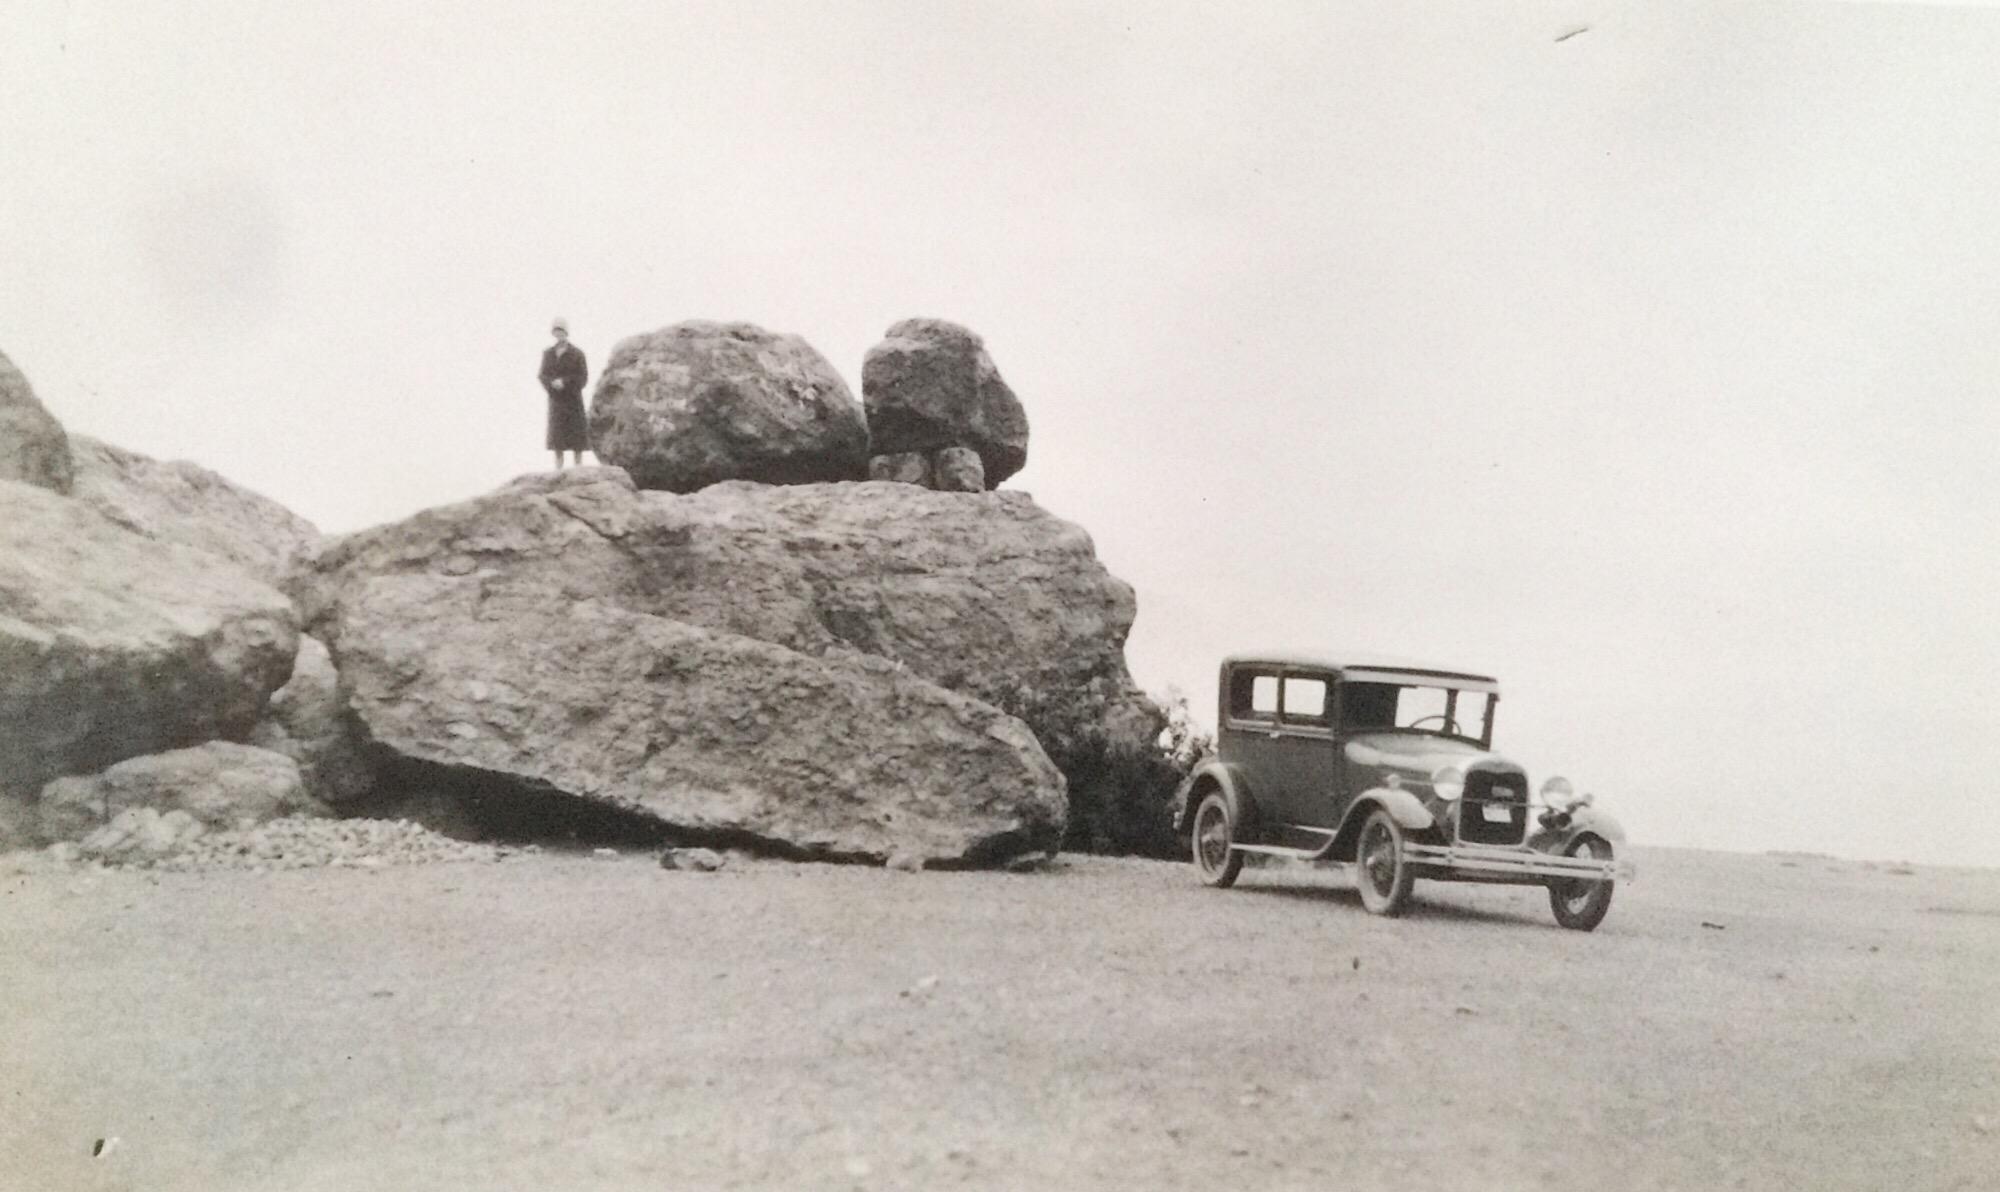 Enterreno - Fotos históricas de chile - fotos antiguas de Chile - Automóvil en Meseta Jahuel, 1918